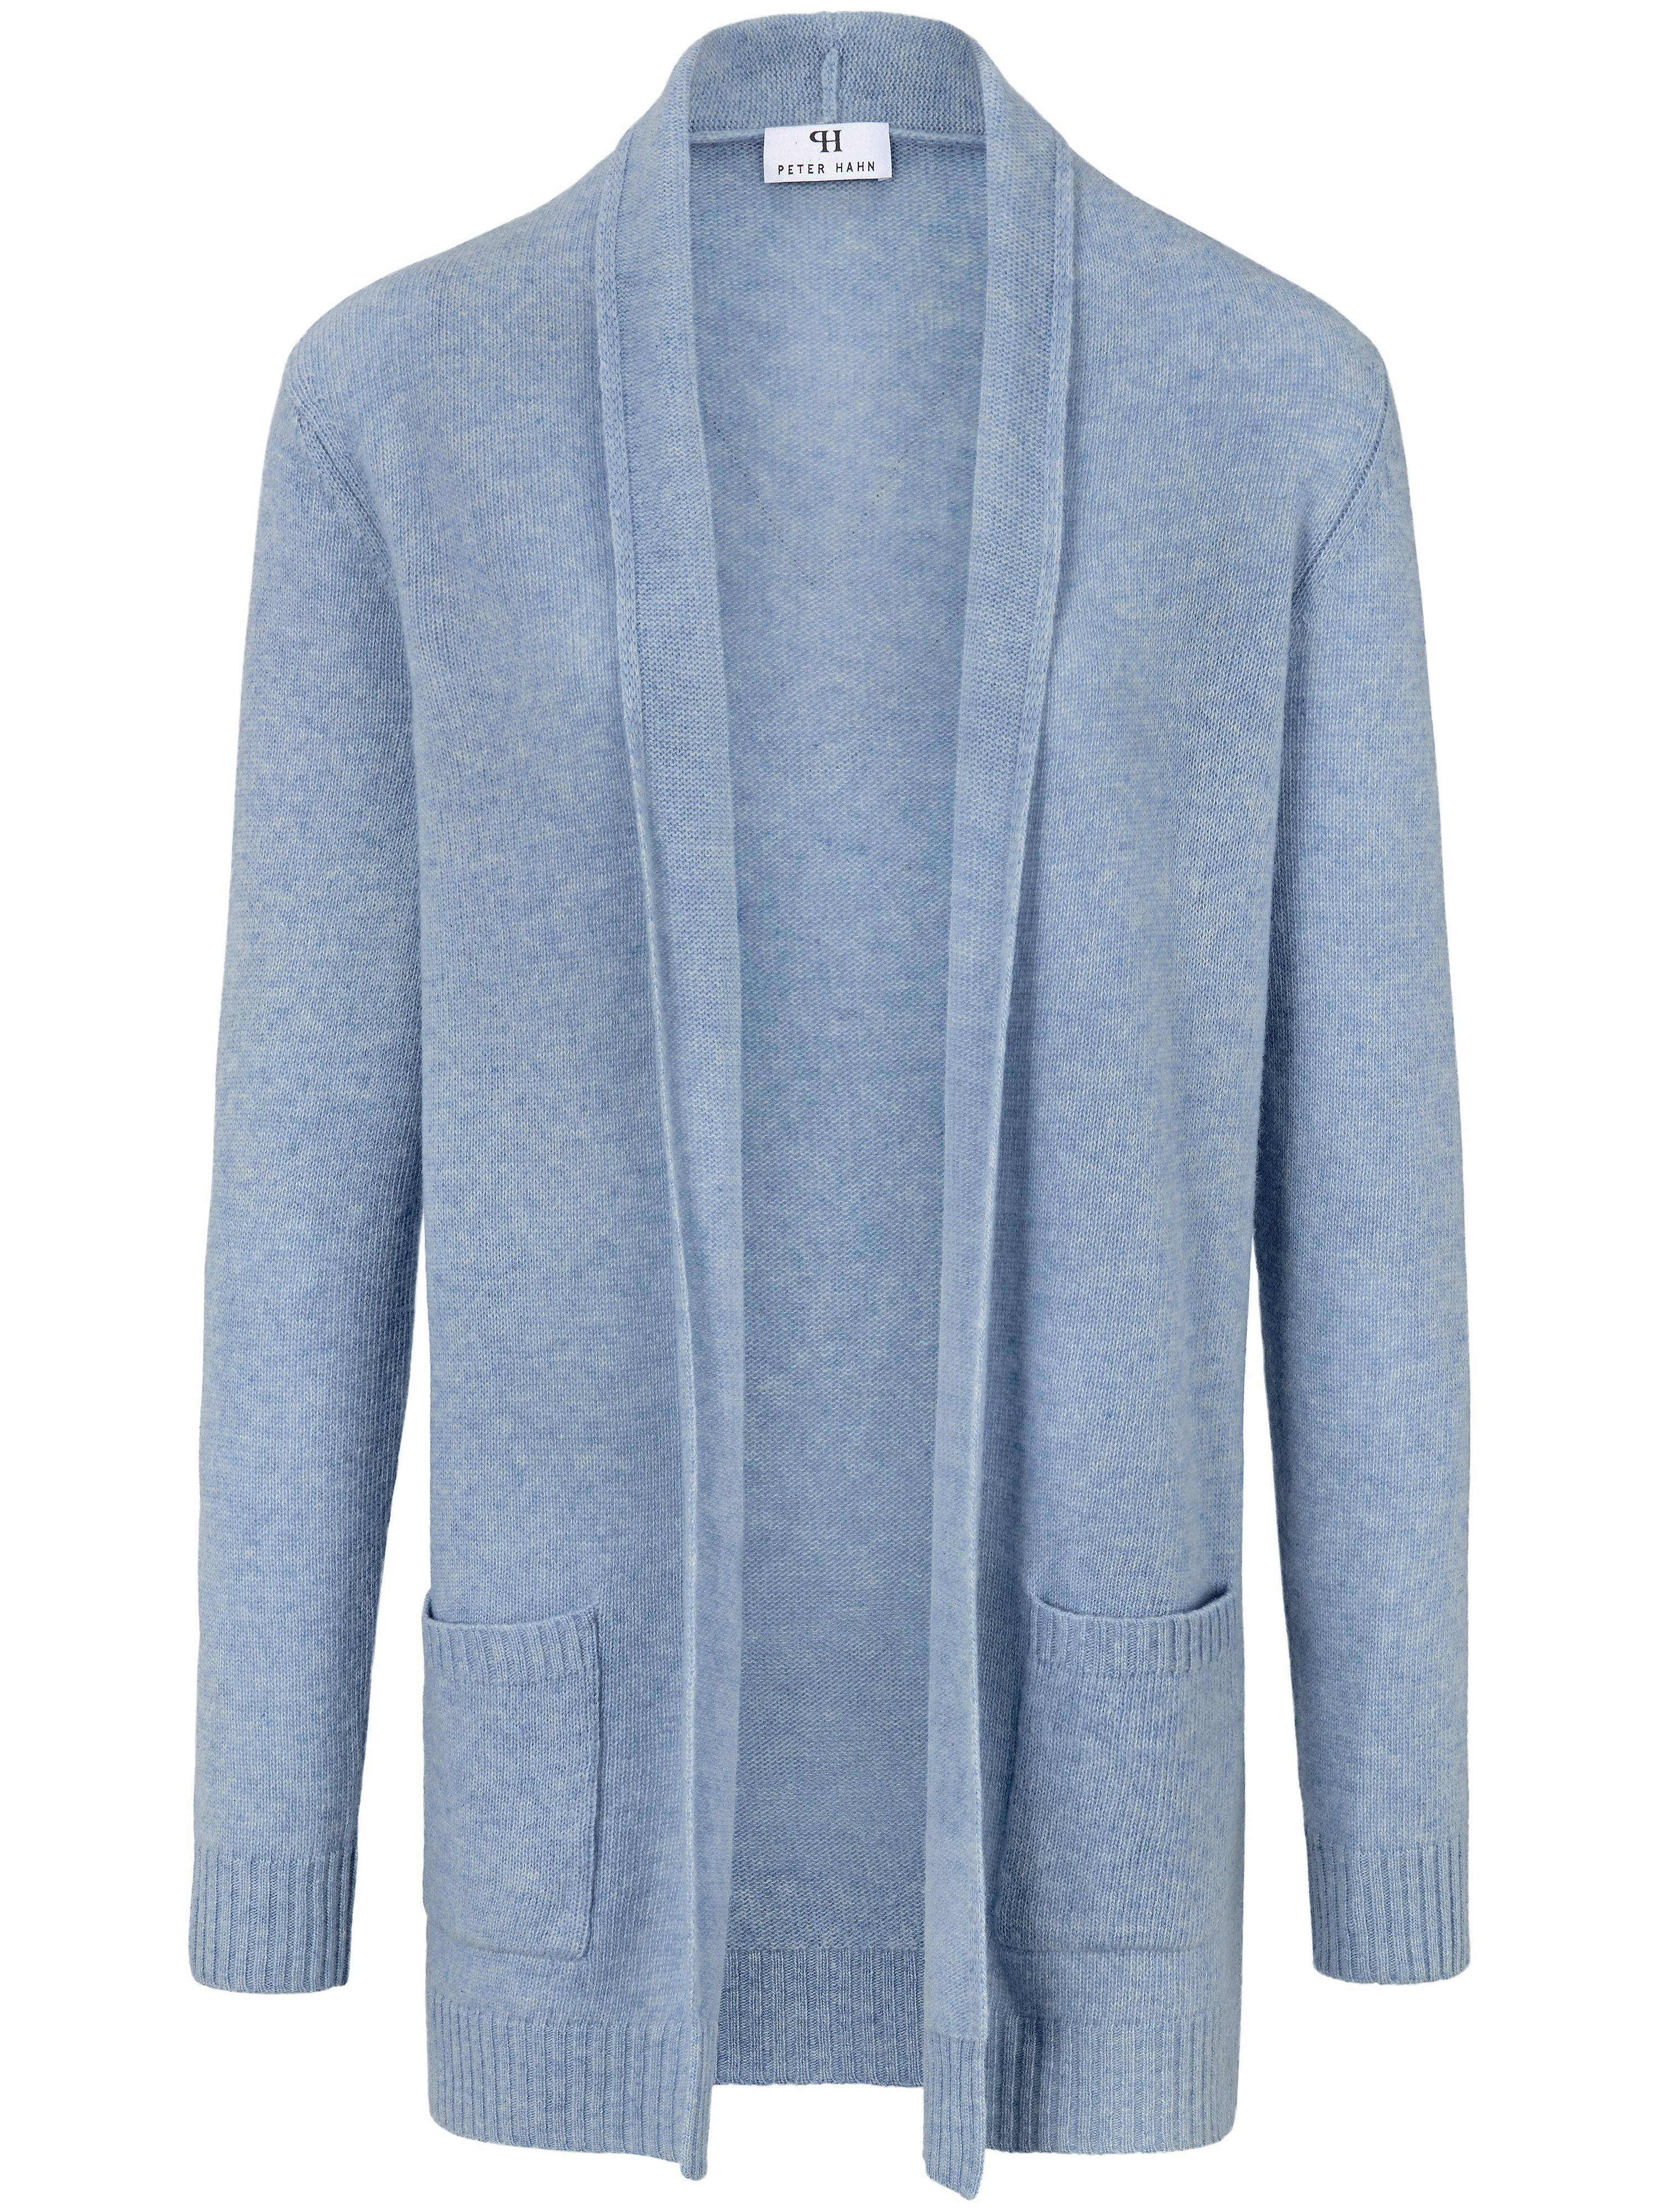 Le gilet long 100% laine vierge  Peter Hahn bleu taille 40